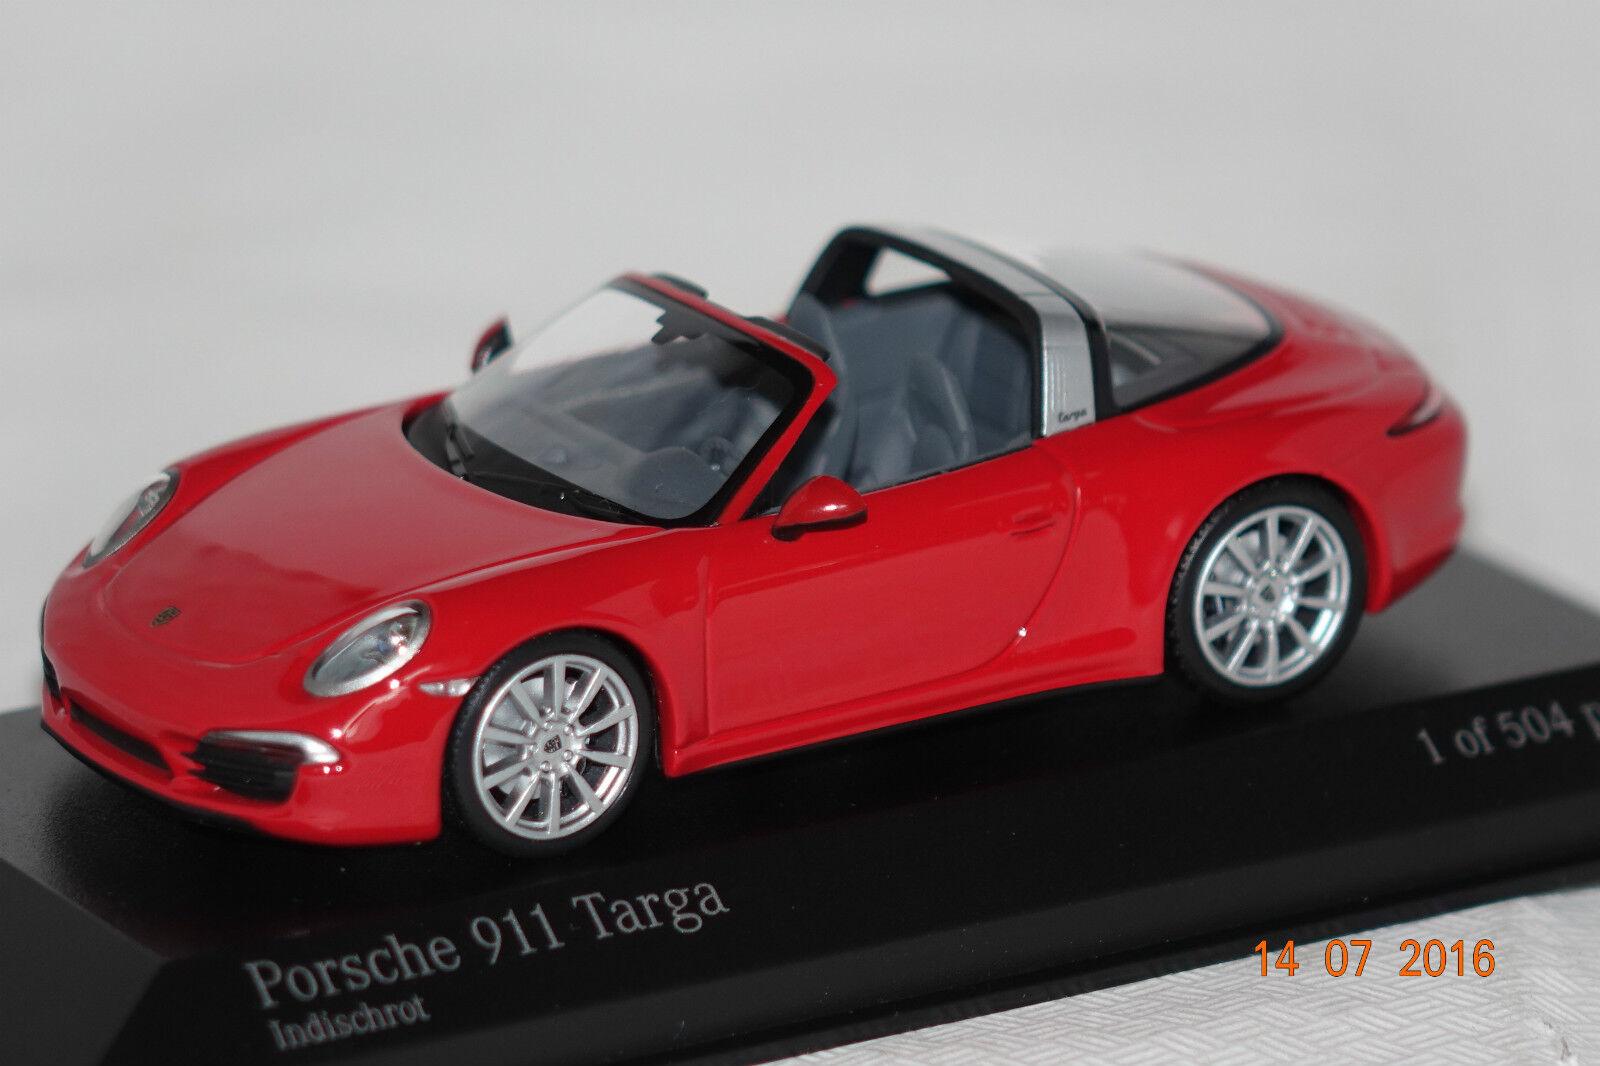 Porsche 911 Targa 2013 red 1 43 Minichamps neu & OVP 410062440